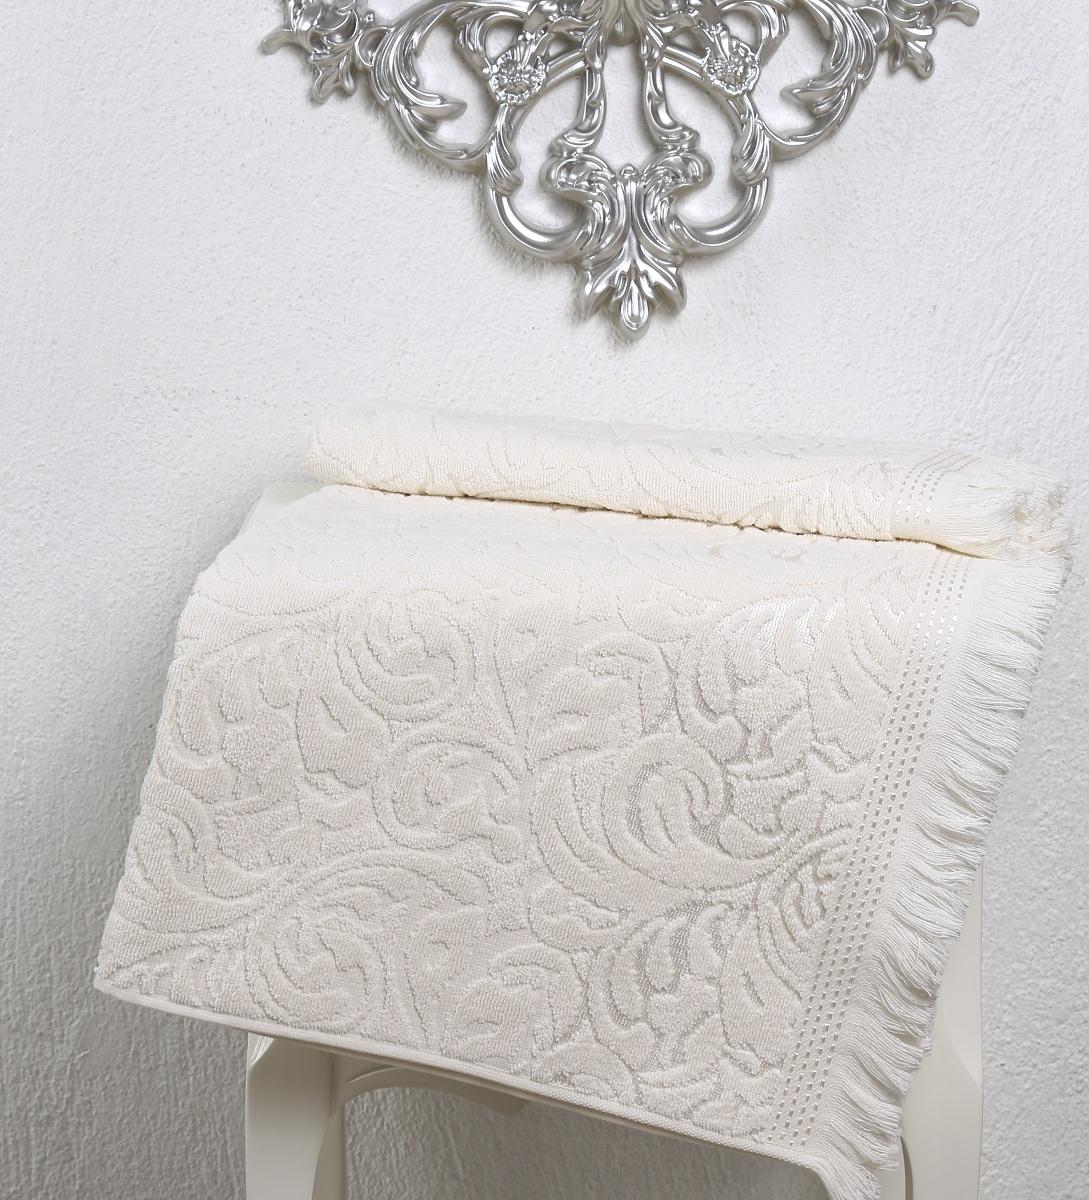 Купить Полотенца Karna, Полотенце Esra Цвет: Кремовый (90х150 см), Турция, Махра